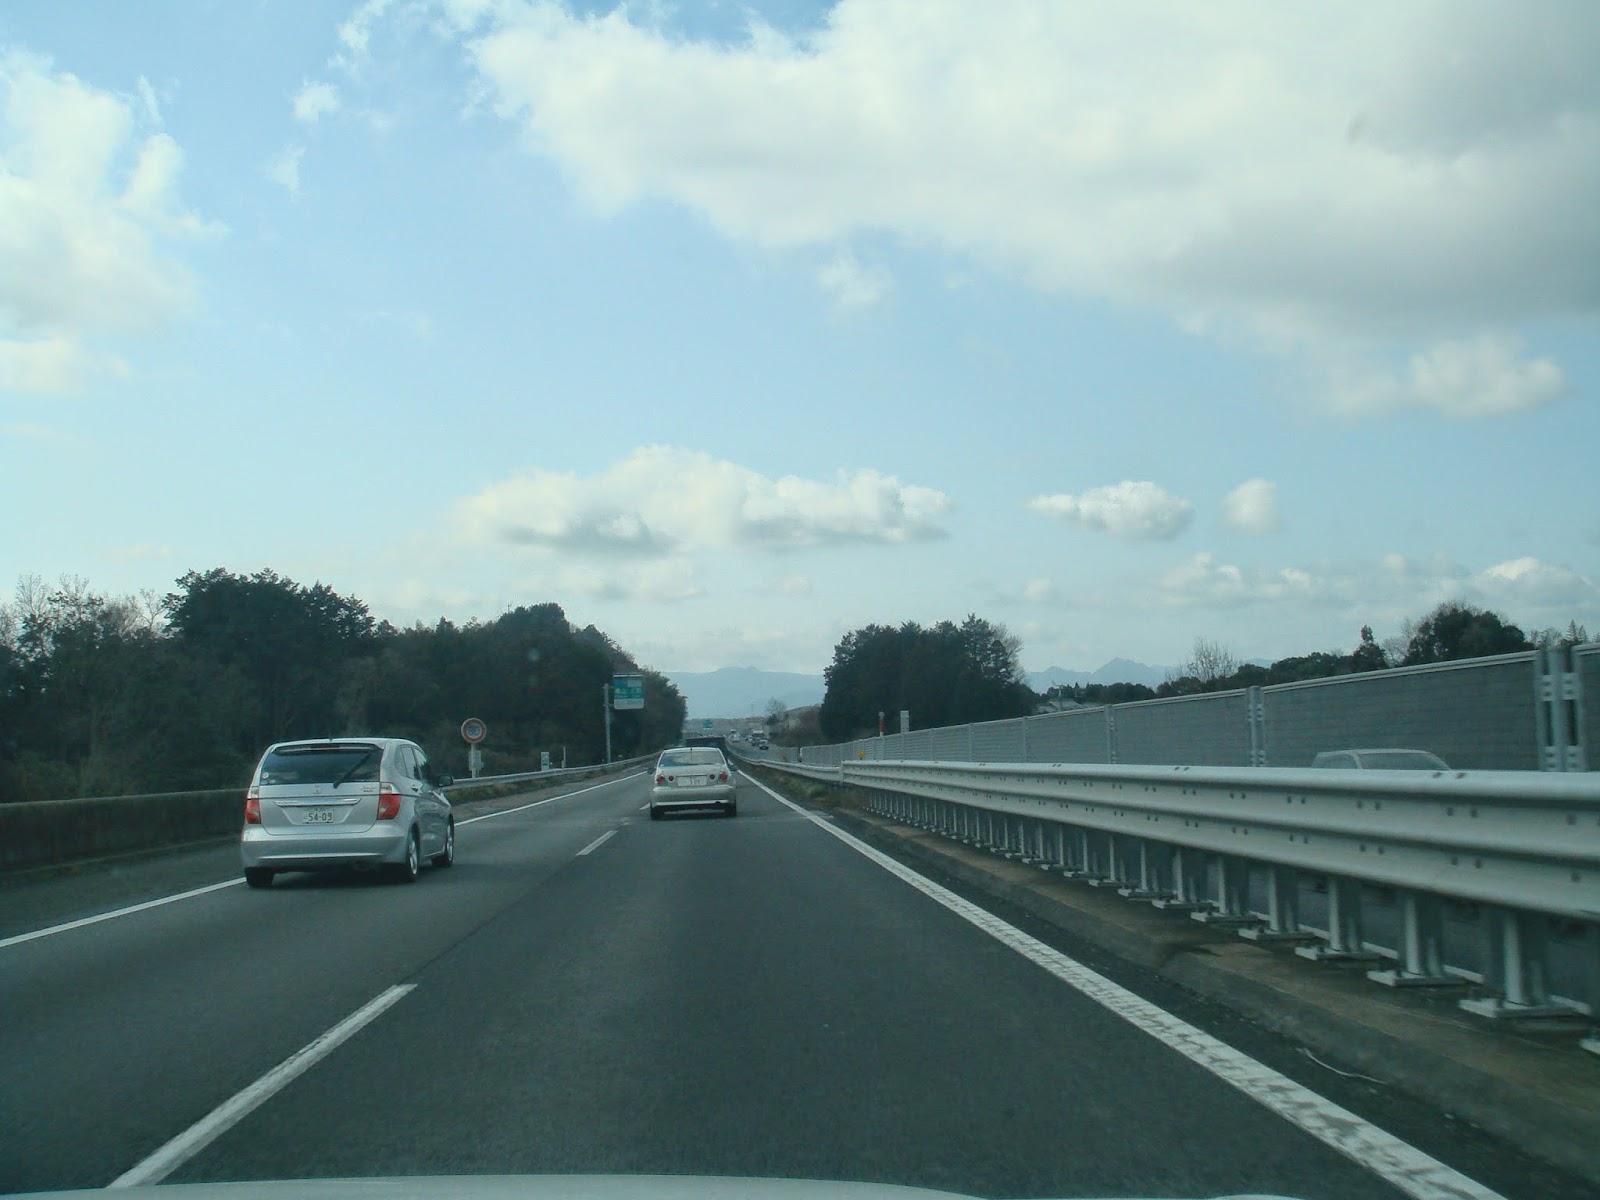 日本の道は高速でもあまり広くない